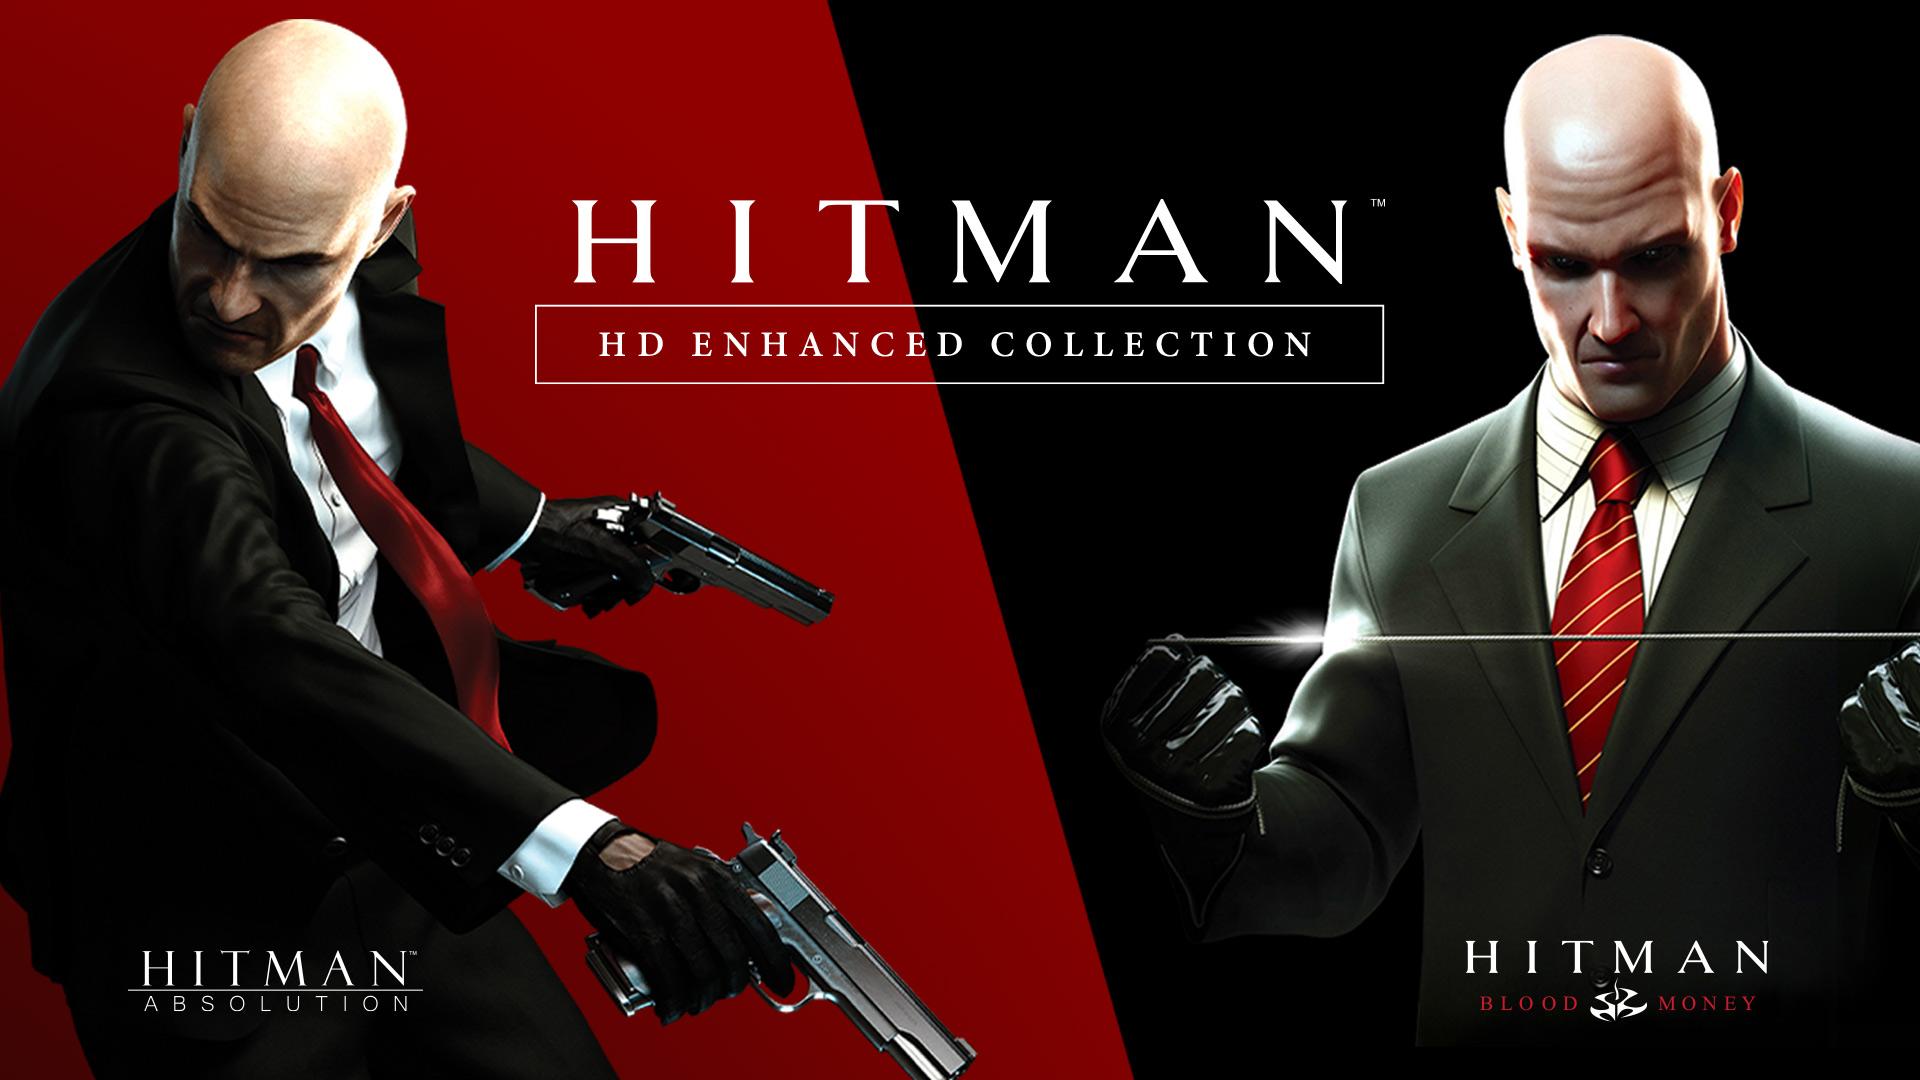 Annunciato Hitman HD Enhanced Collection